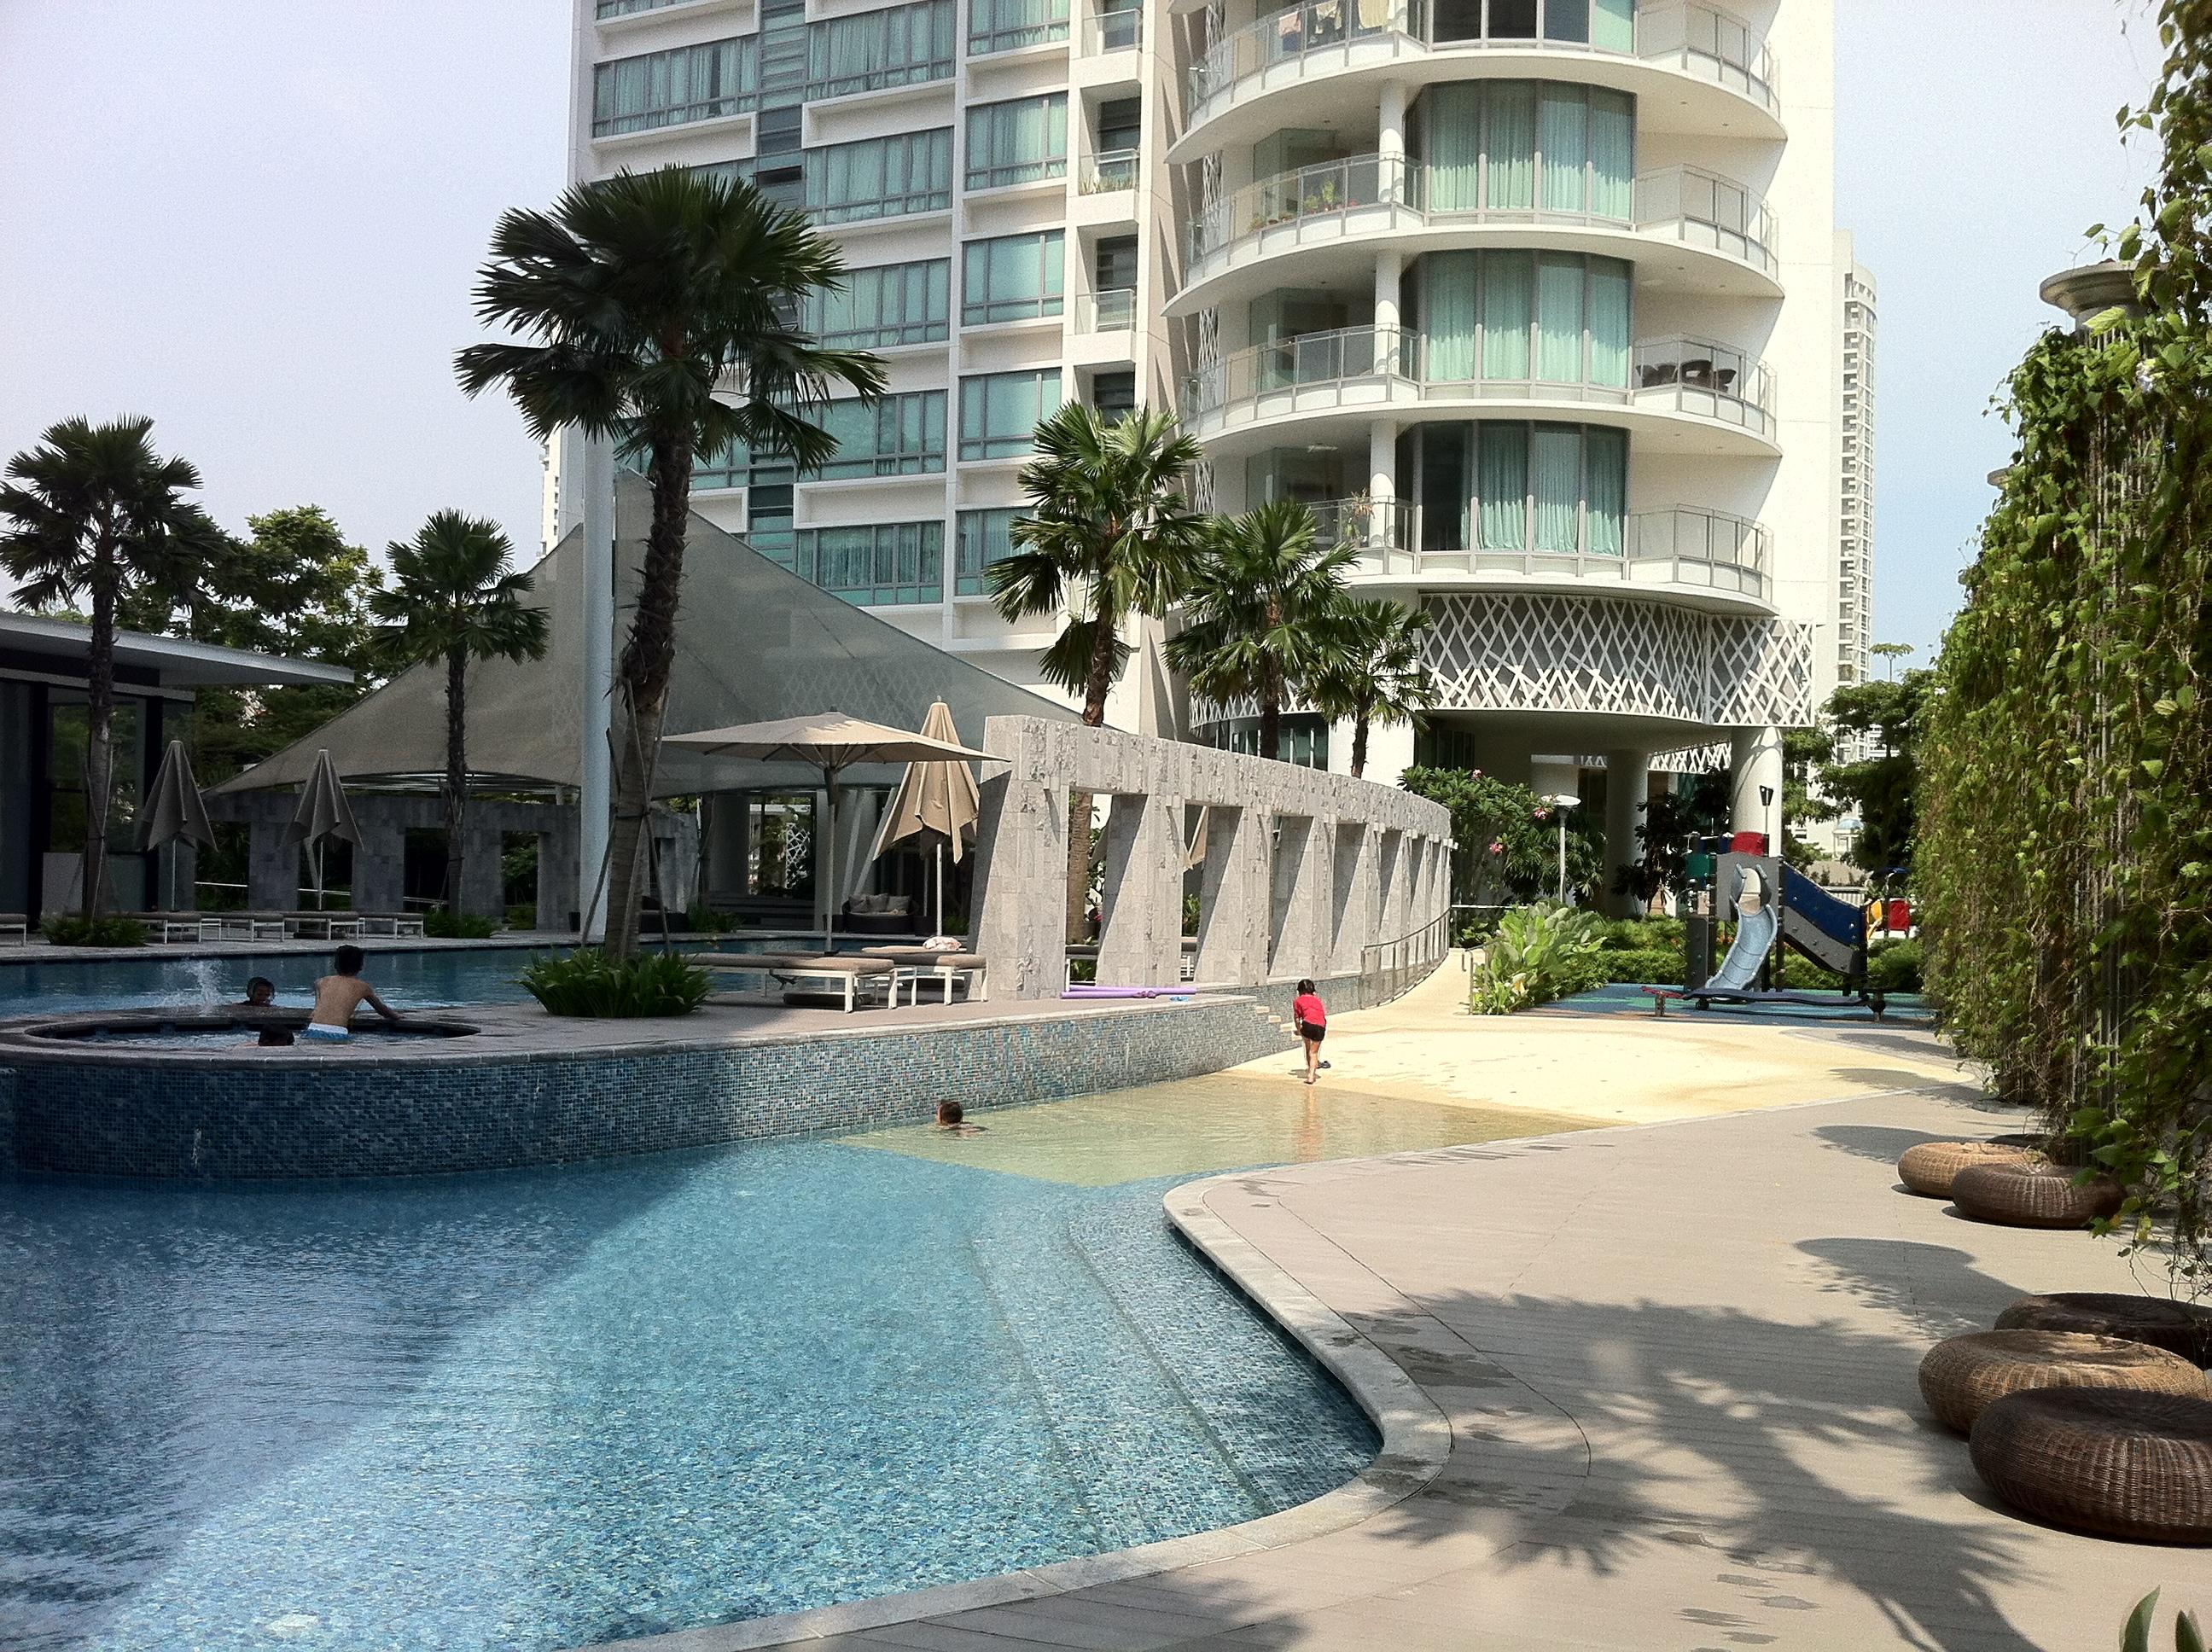 Gallery The Trillium Singapore Condo Condominium